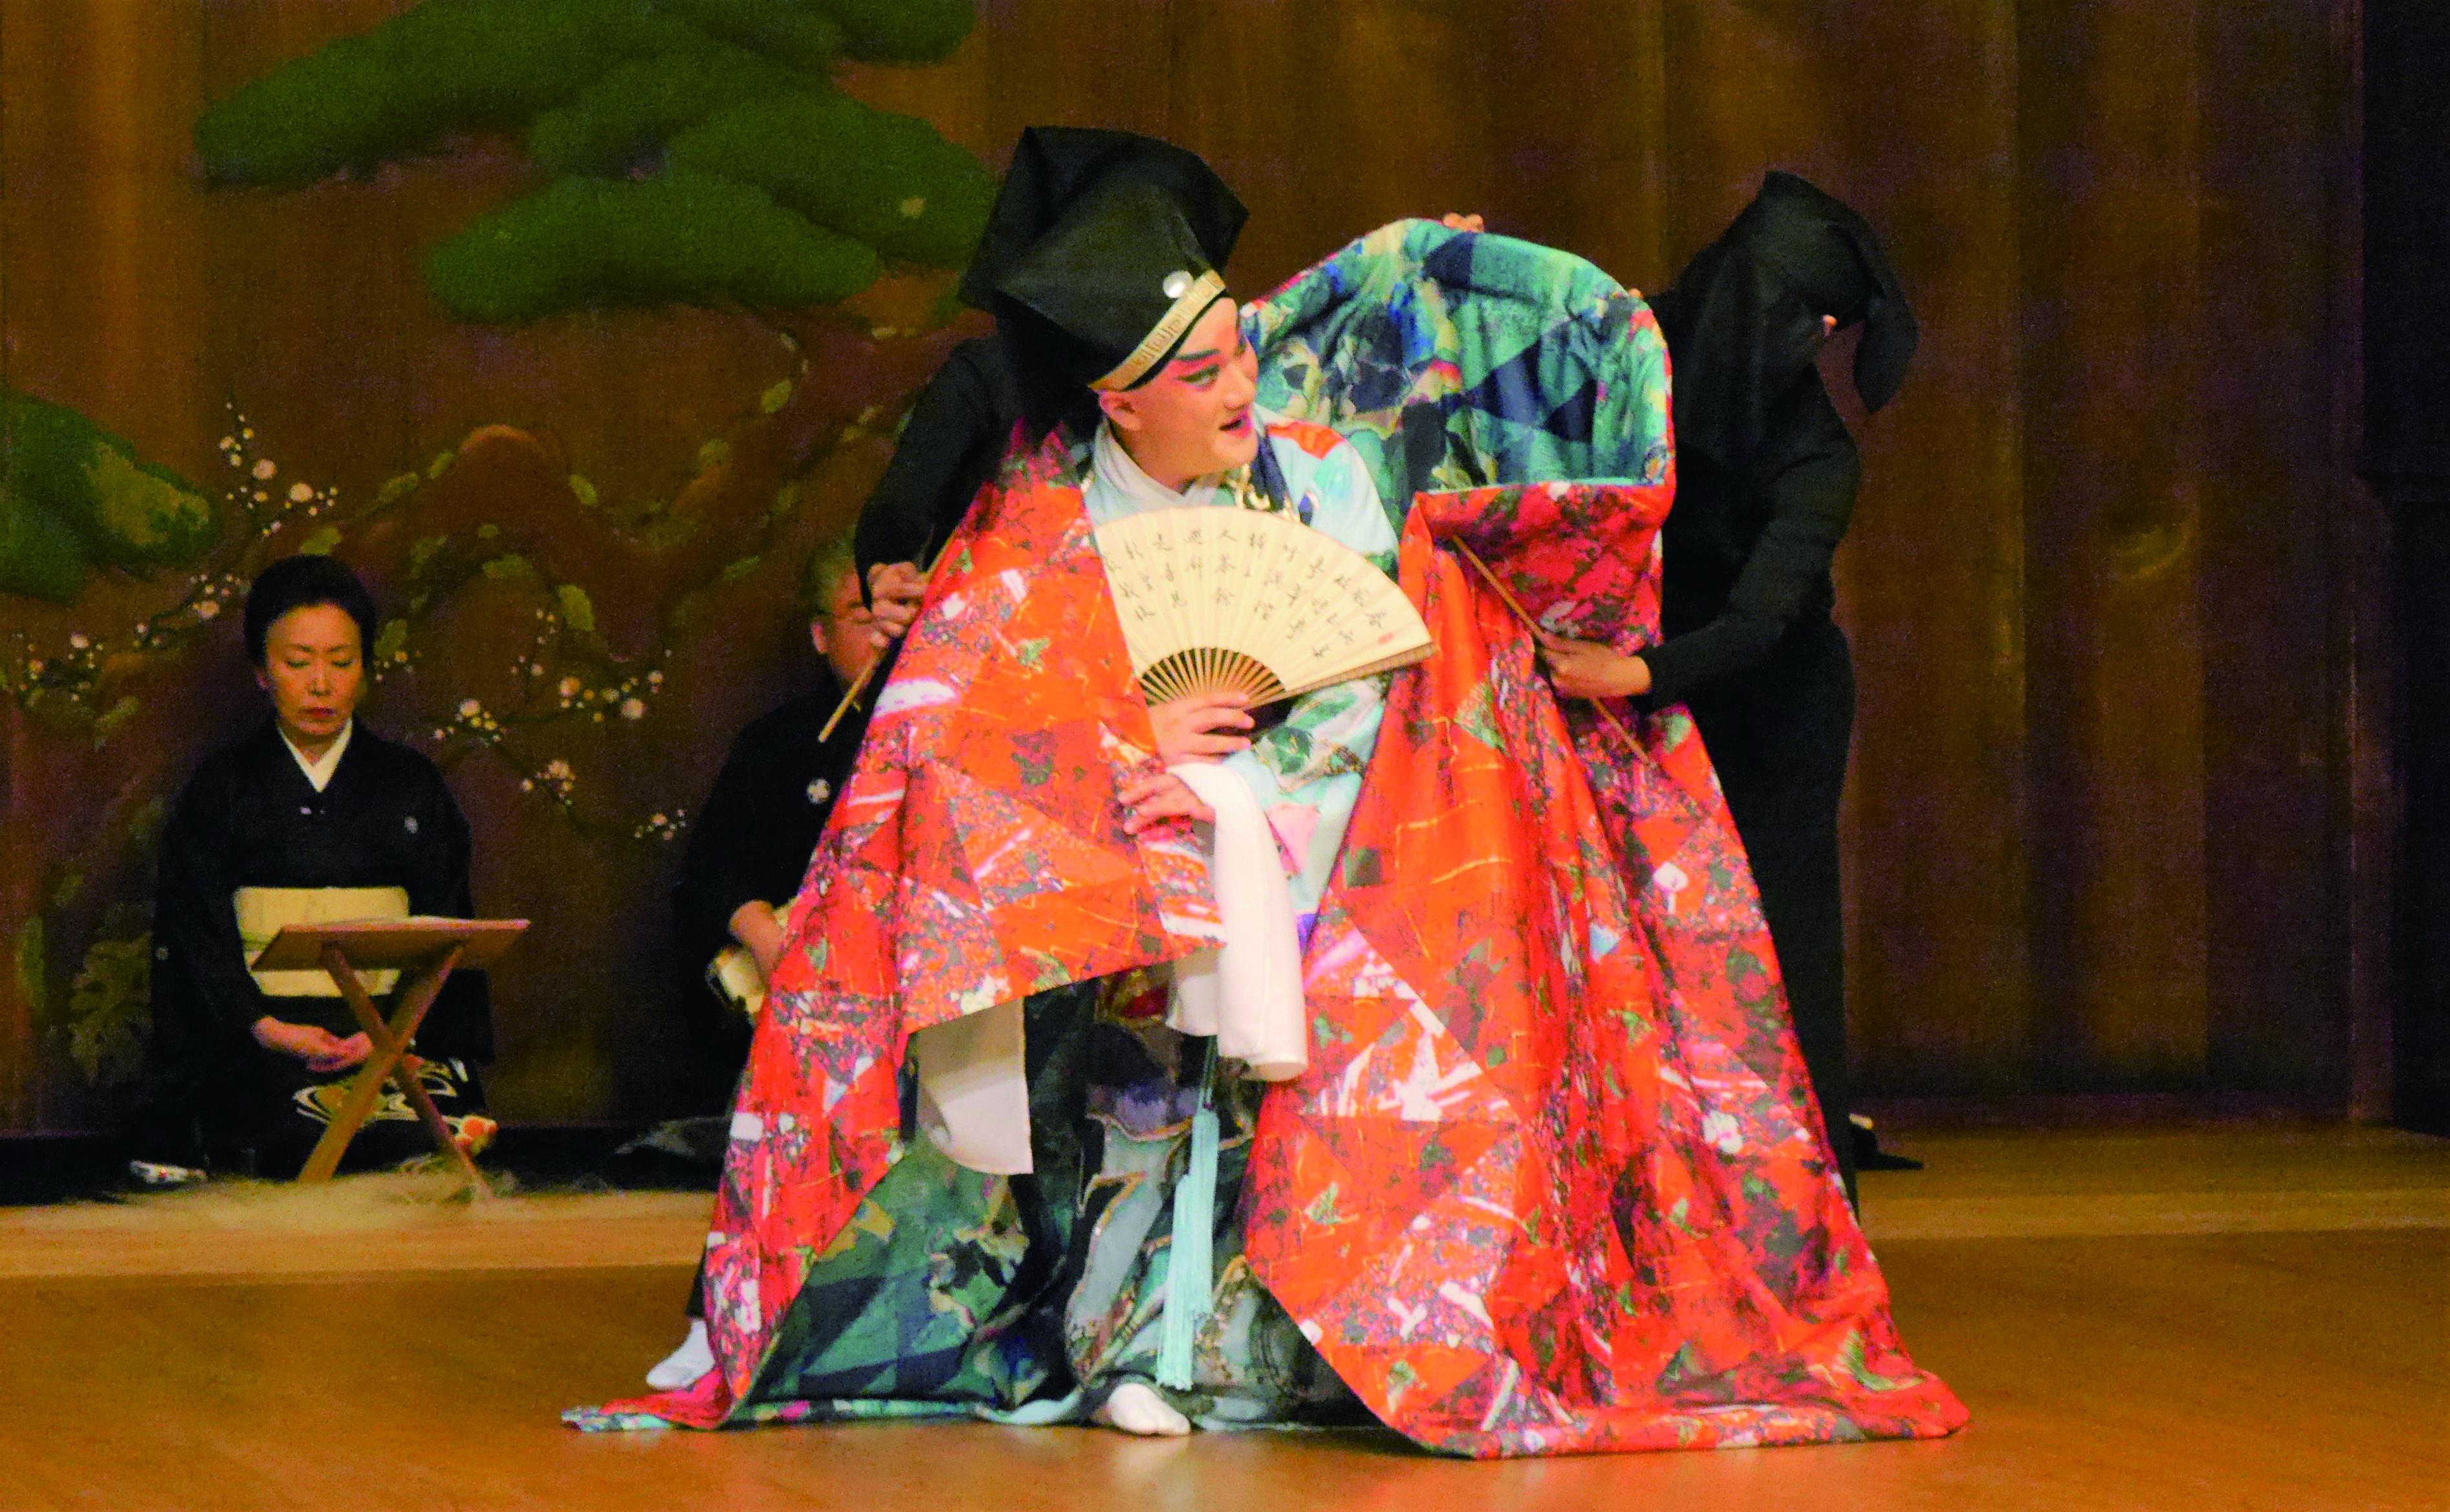 圖6《繡襦夢》加入了偶戲的元素,增添夢境與記憶交融的奇幻效果,操偶師以日本藝能「黑子」的形象現身舞臺。.JPG